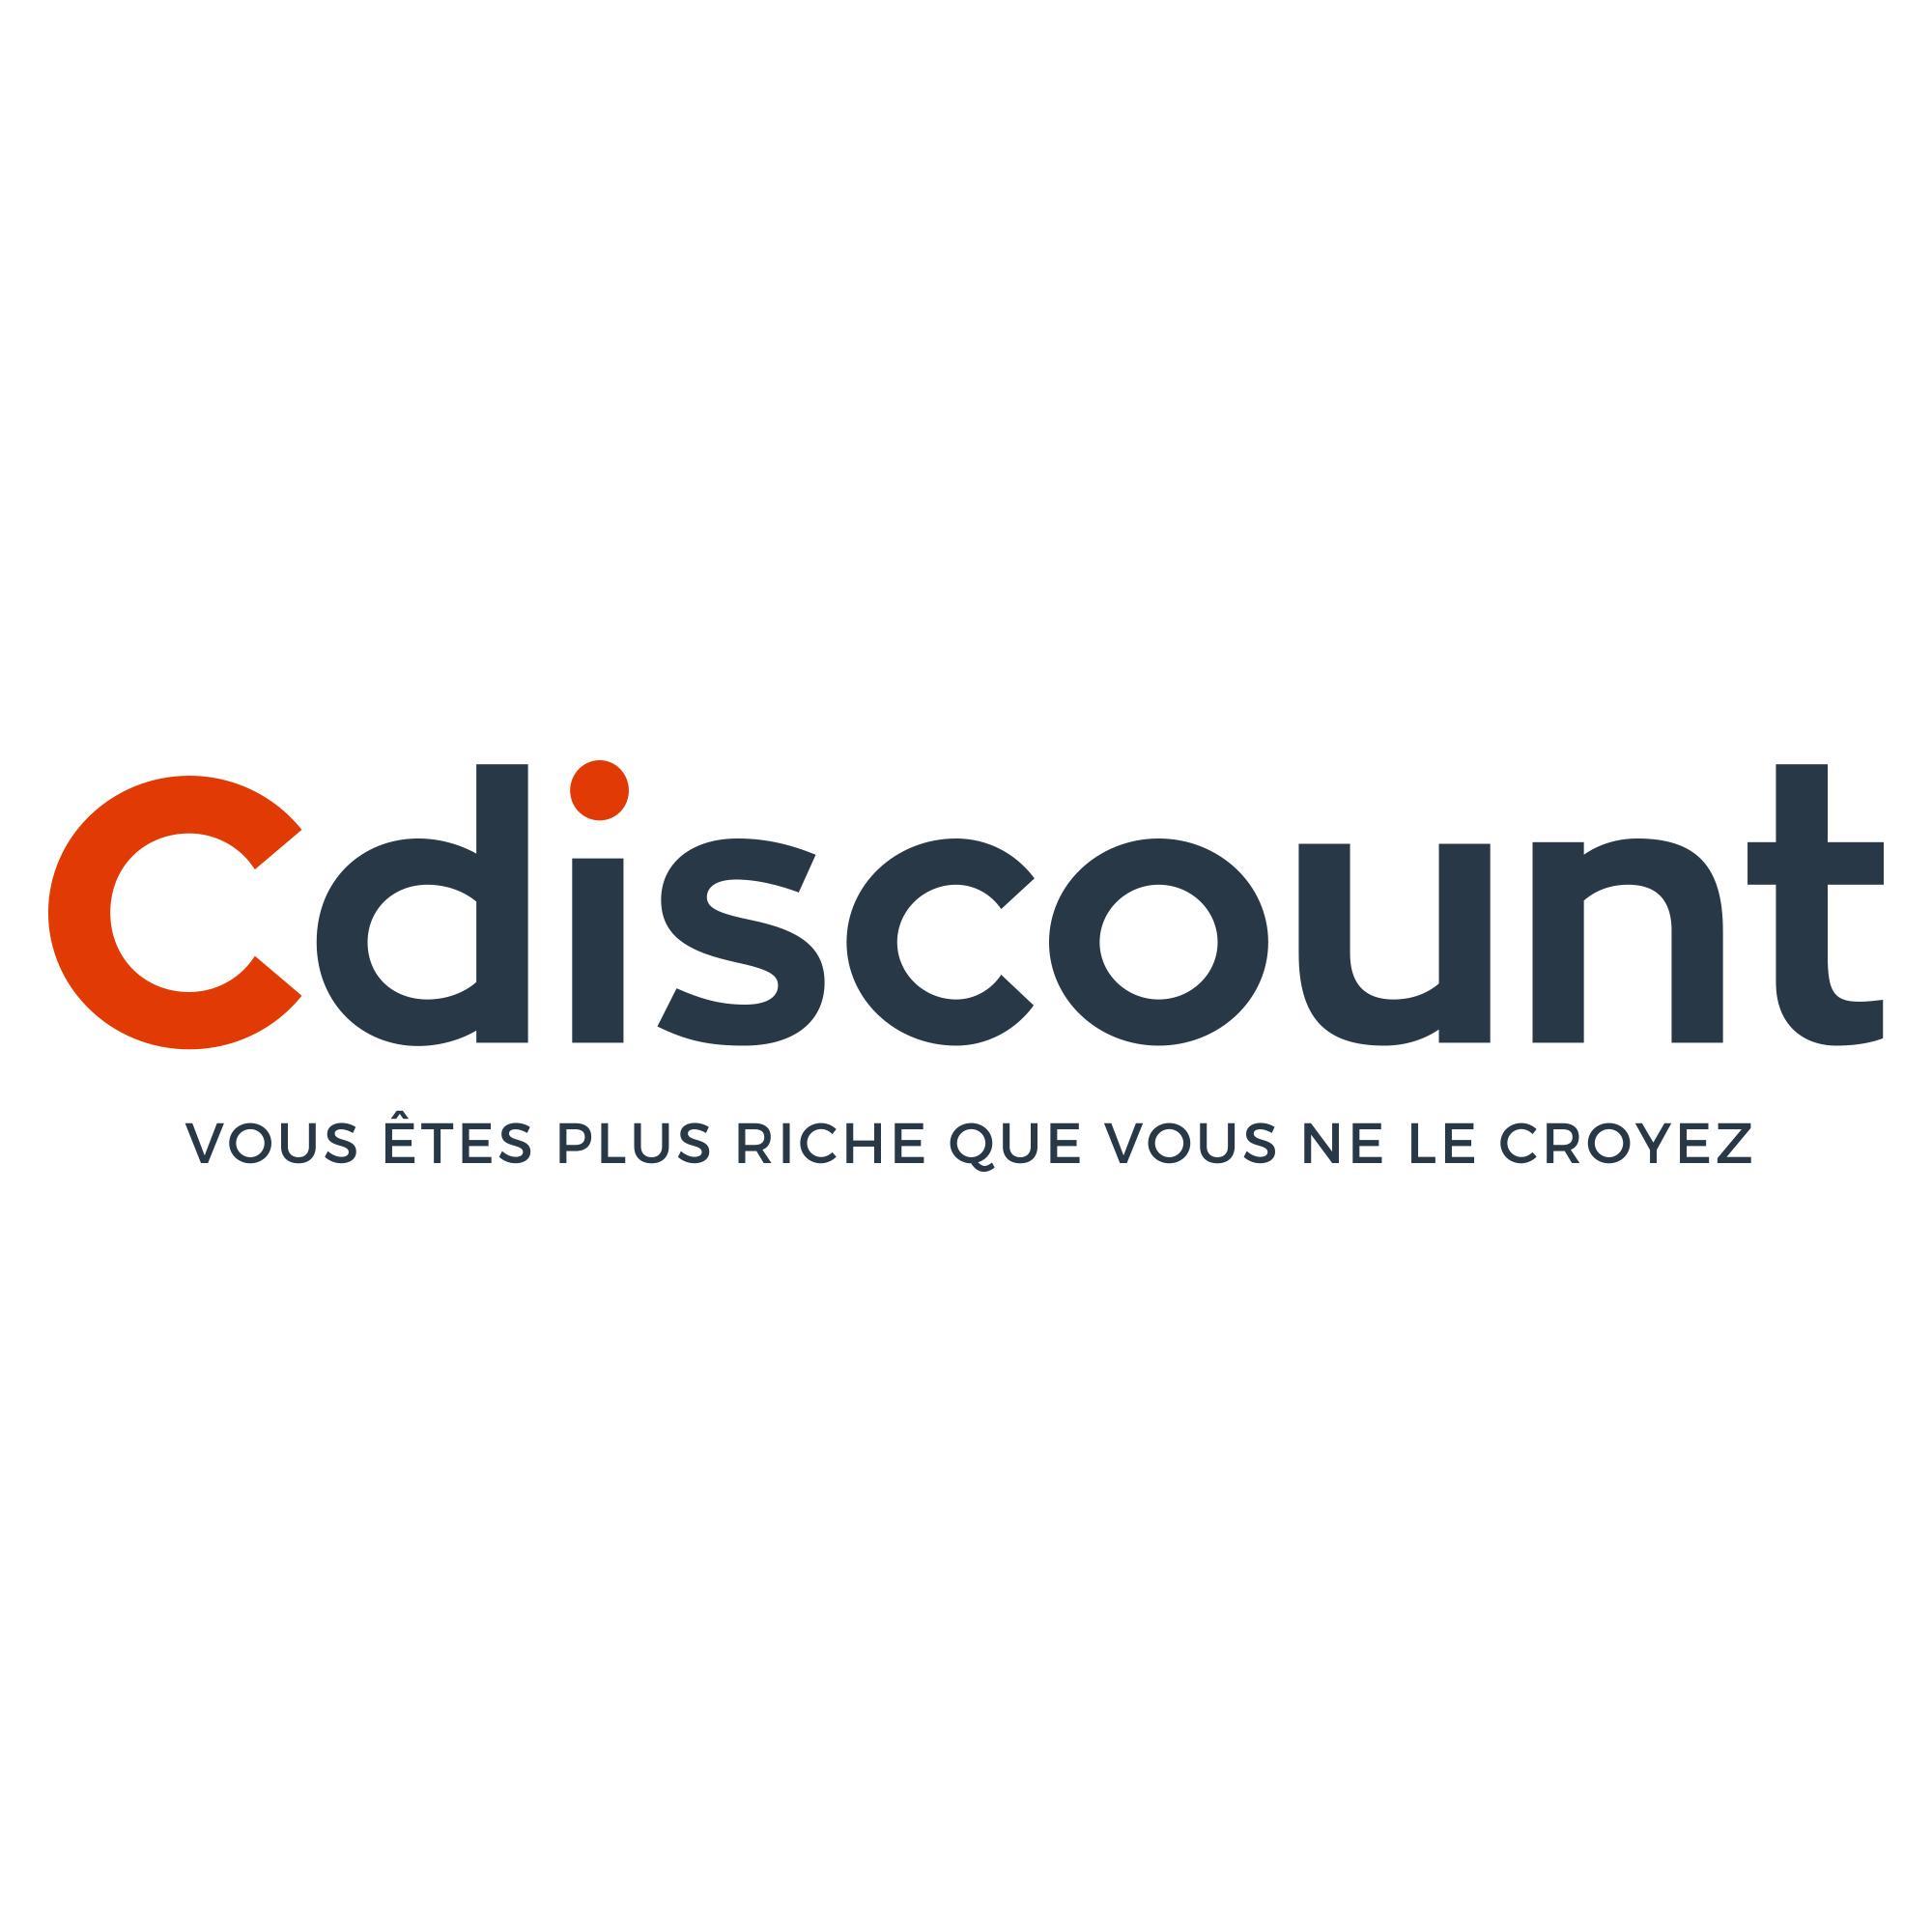 50€ de réduction dès 599€ d'achat et 25€ dès 299€ pour tous / 50€ dès 499€ et 25€ dès 199€ pour les membres Cdiscount à Volonté